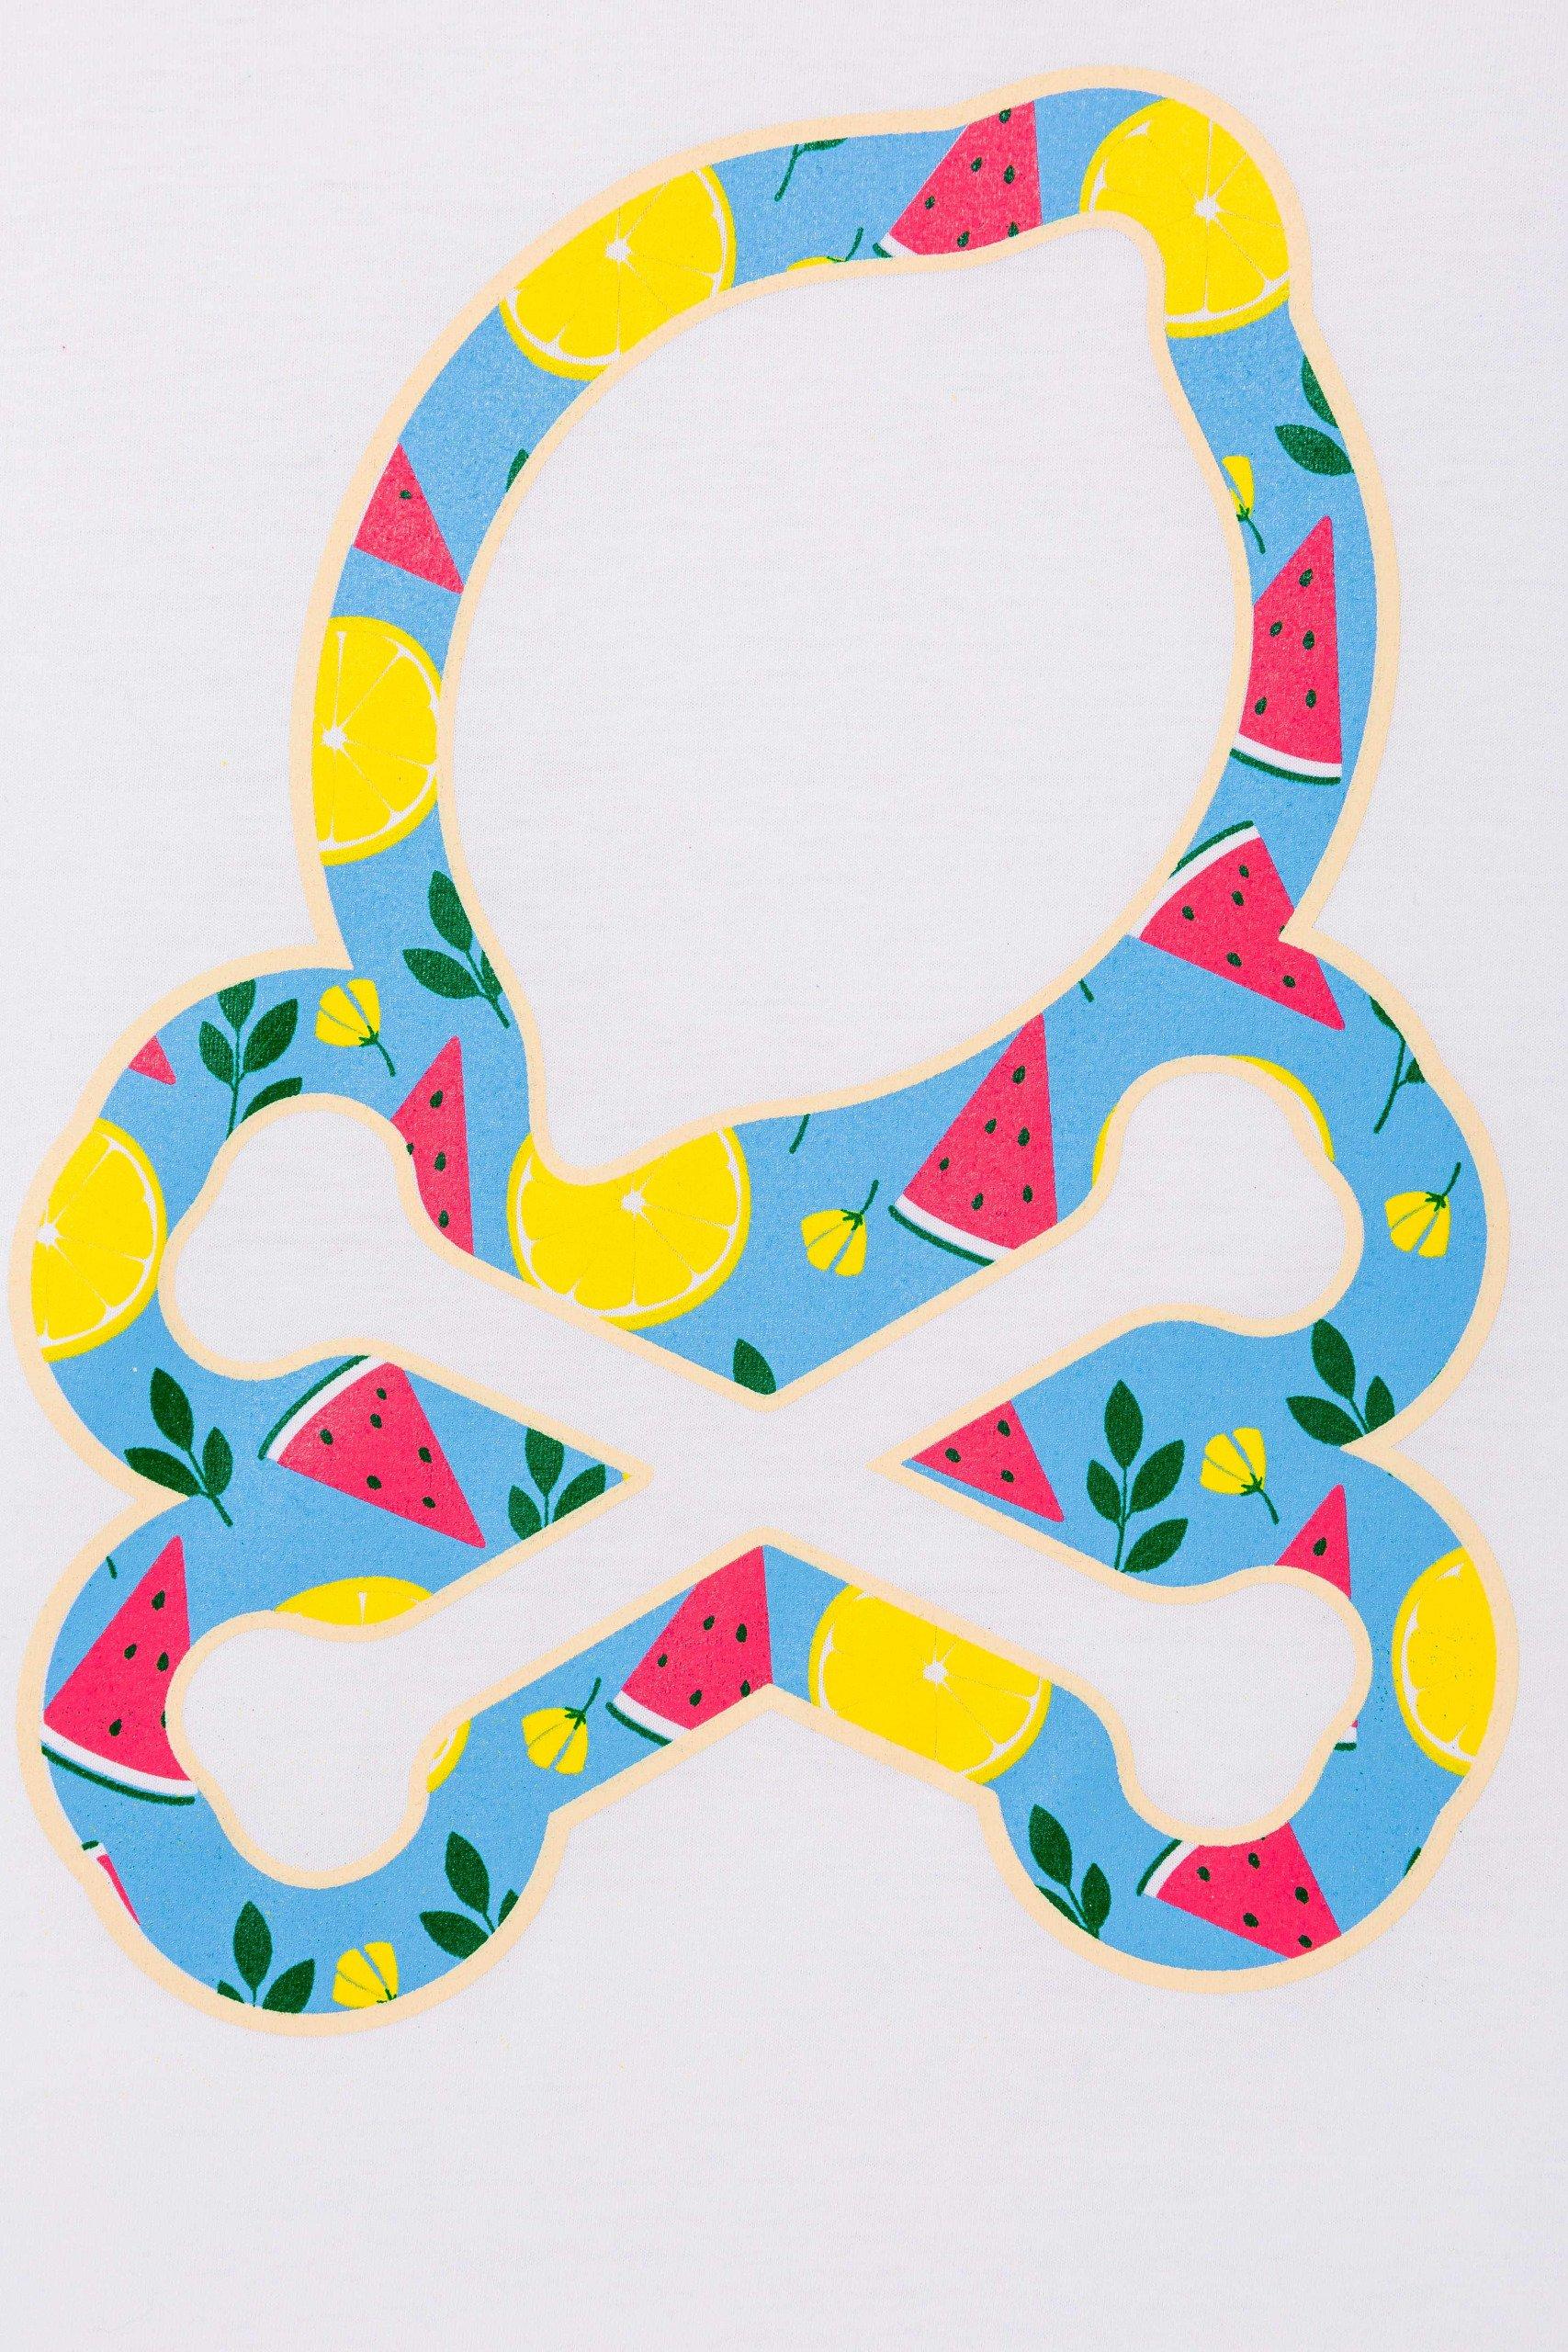 camiseta-sir-lemon-unisex-calavera-colores-frutas